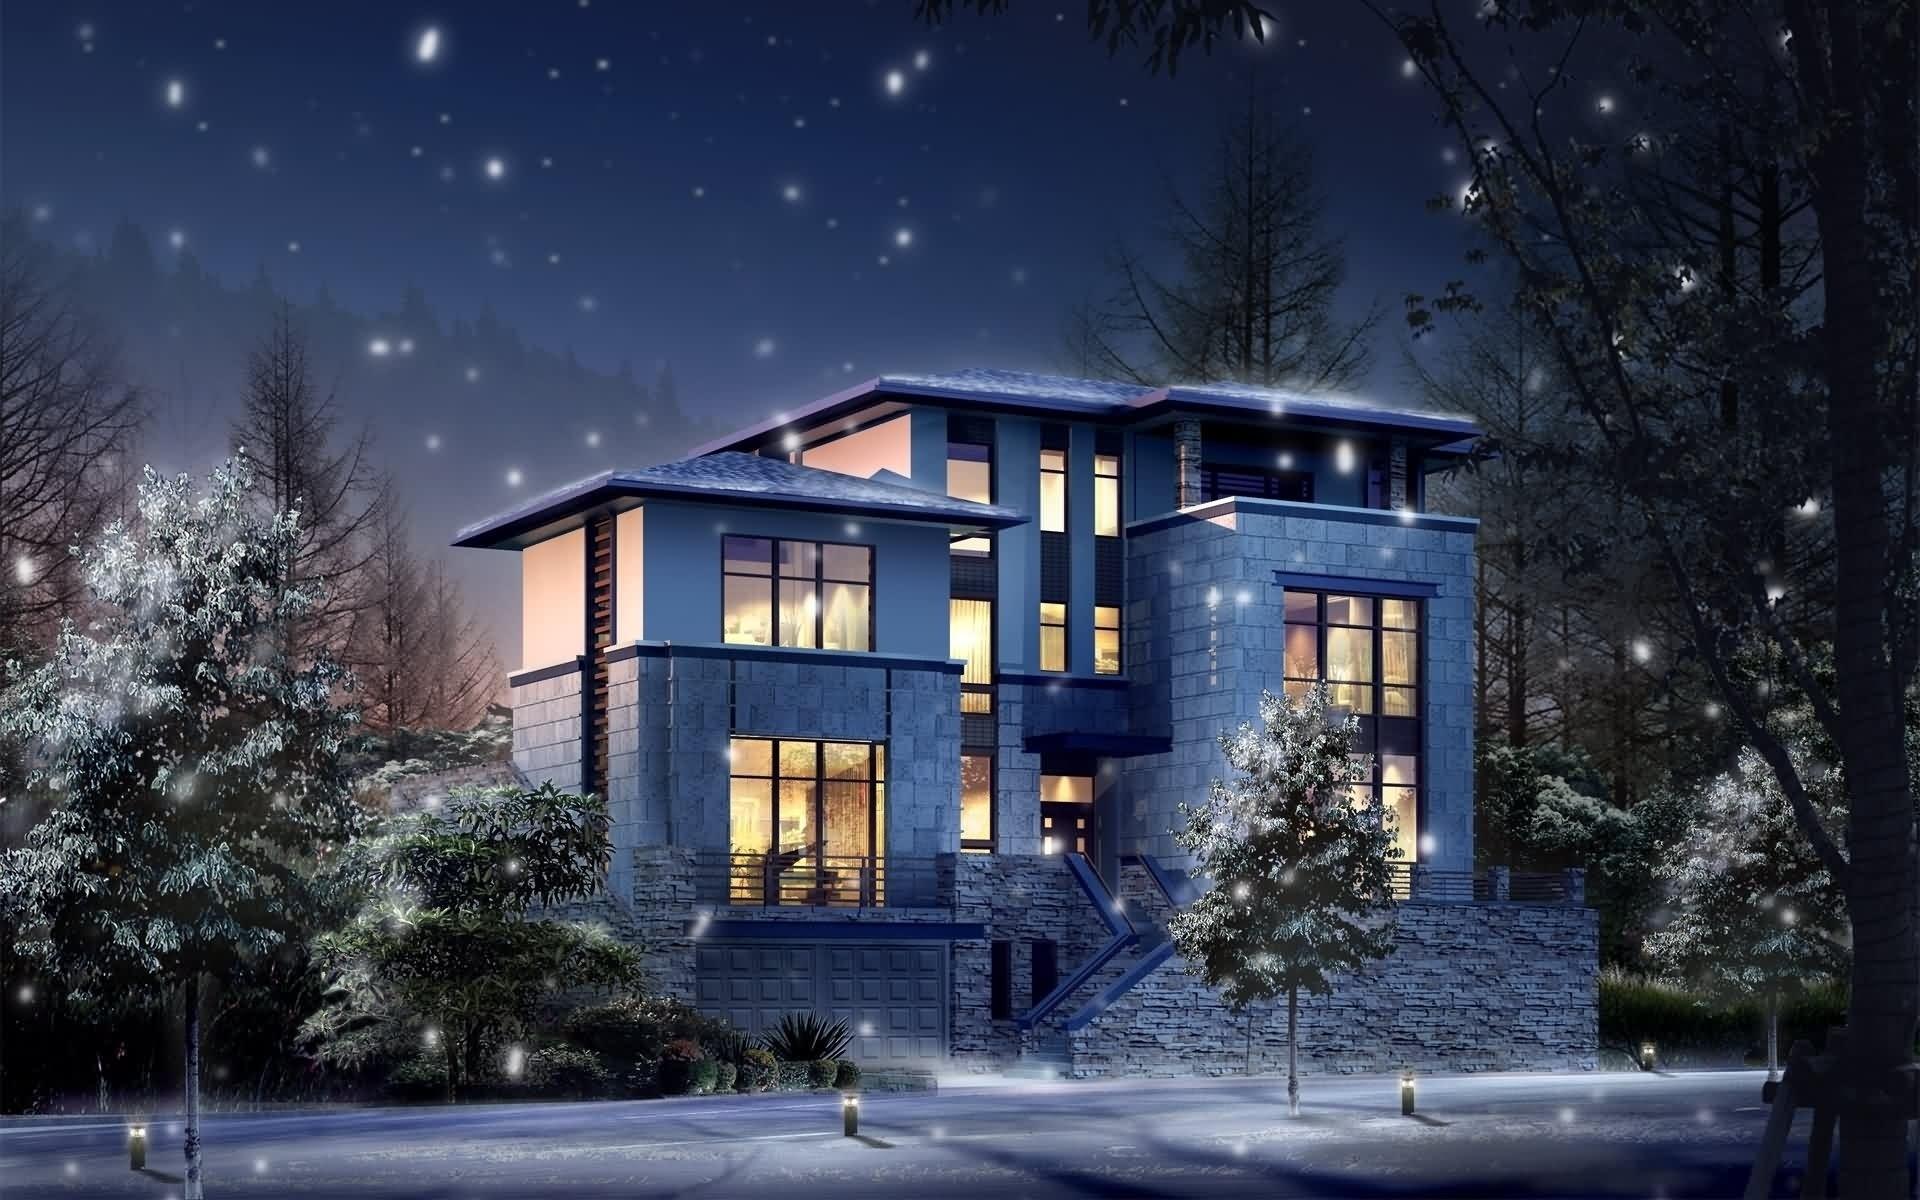 29453 скачать обои Пейзаж, Зима, Дома, Архитектура - заставки и картинки бесплатно